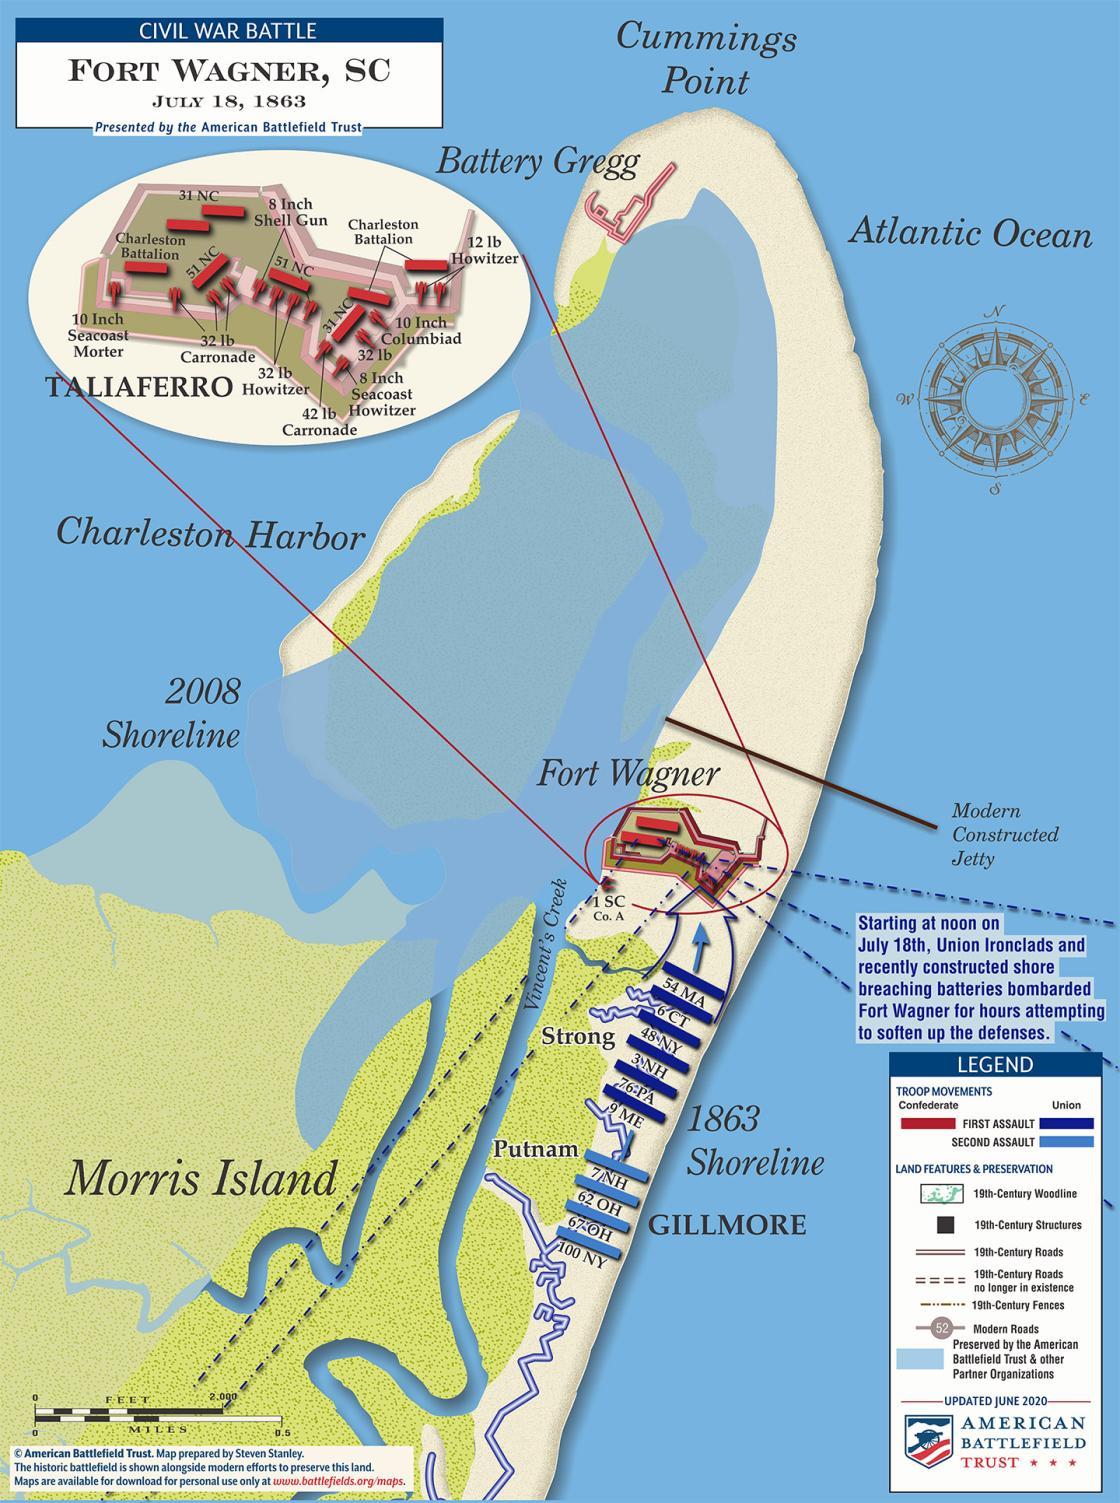 Assault on Fort Wagner, South Carolina - July 18, 1863 (June 2020)